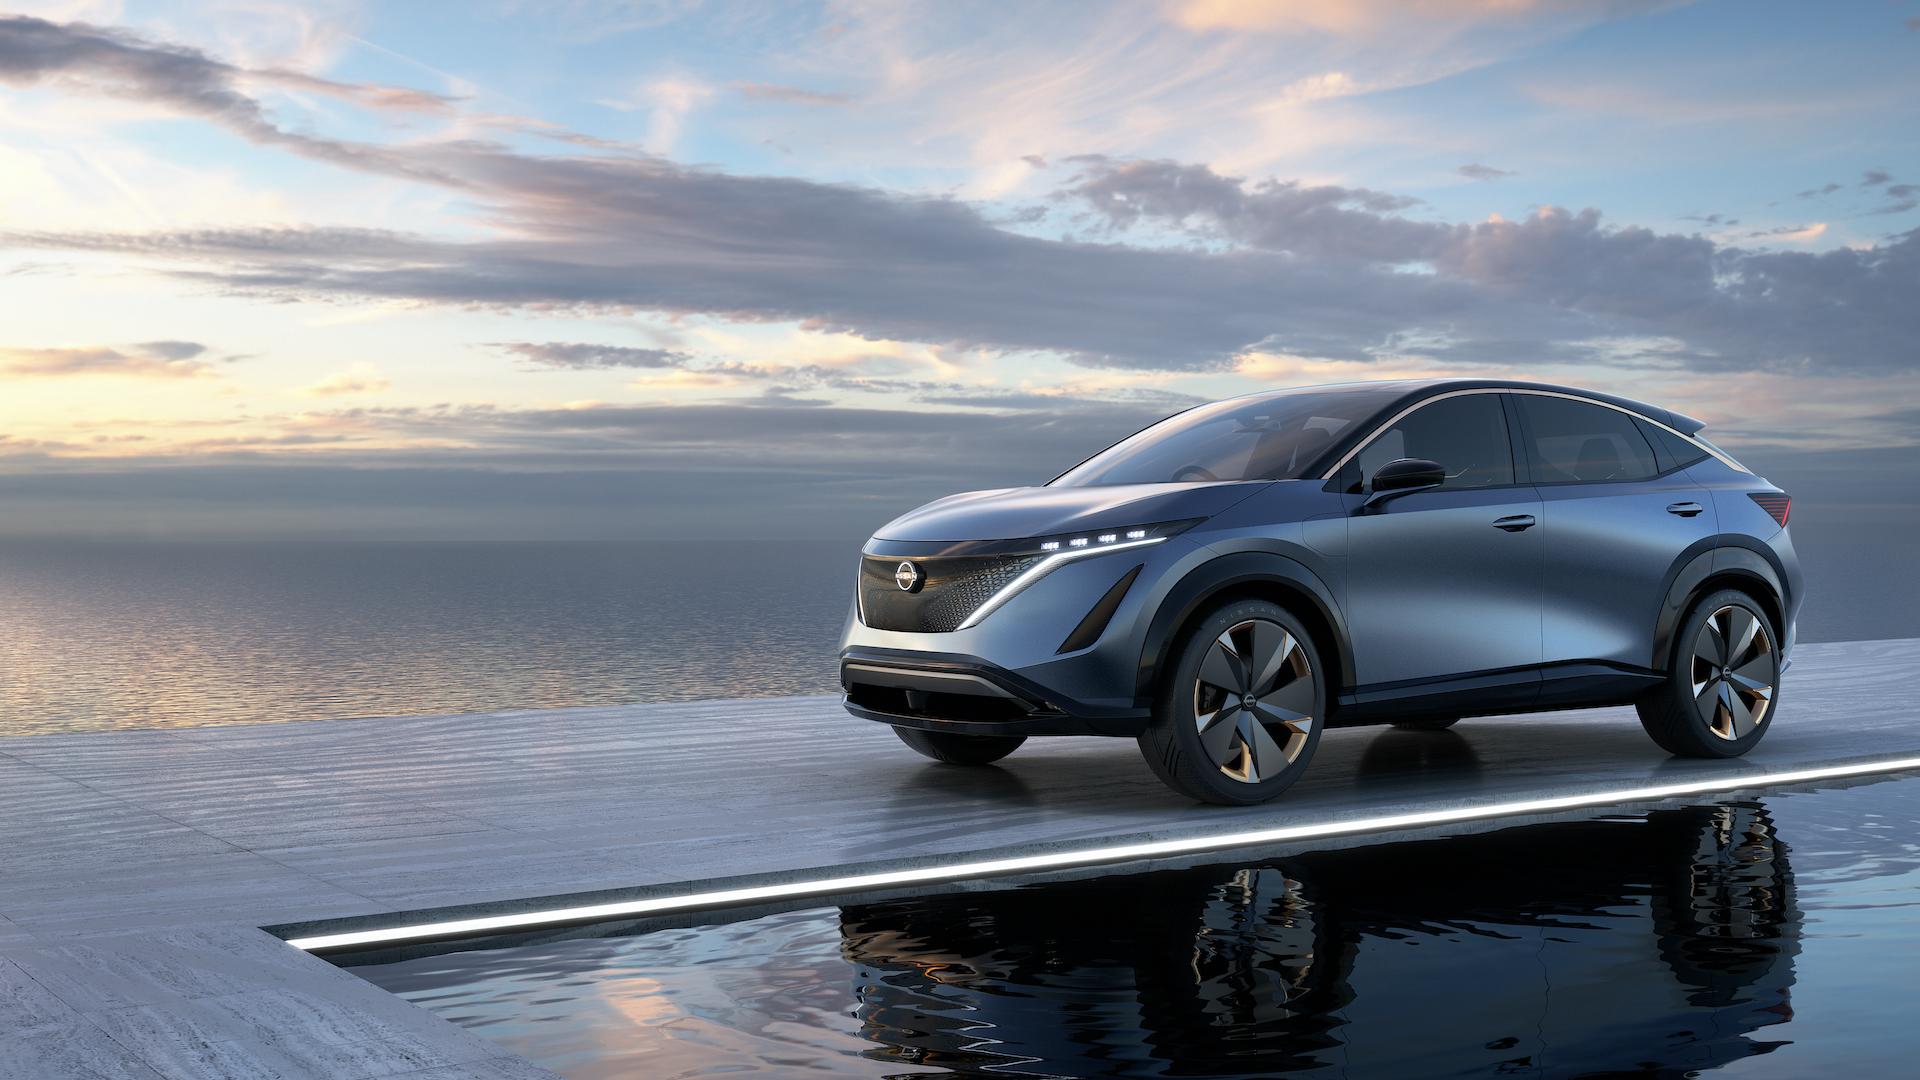 Nissan présente un crossover 100 % électrique très élégant